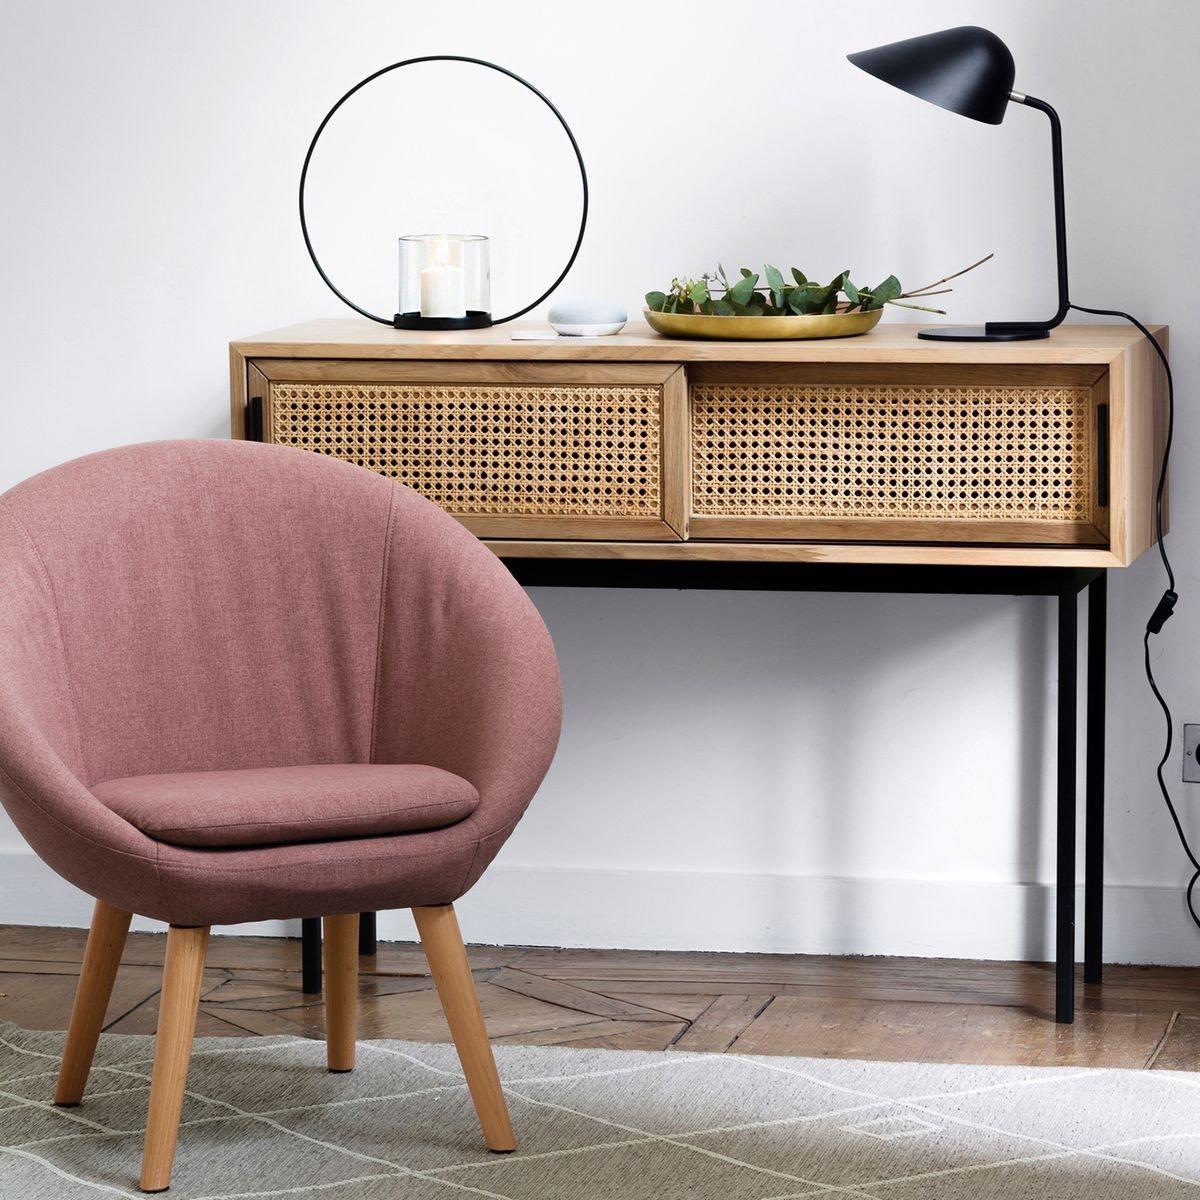 La Redoute Ameublement Chambre le meuble console se réinvente ! | la redoute